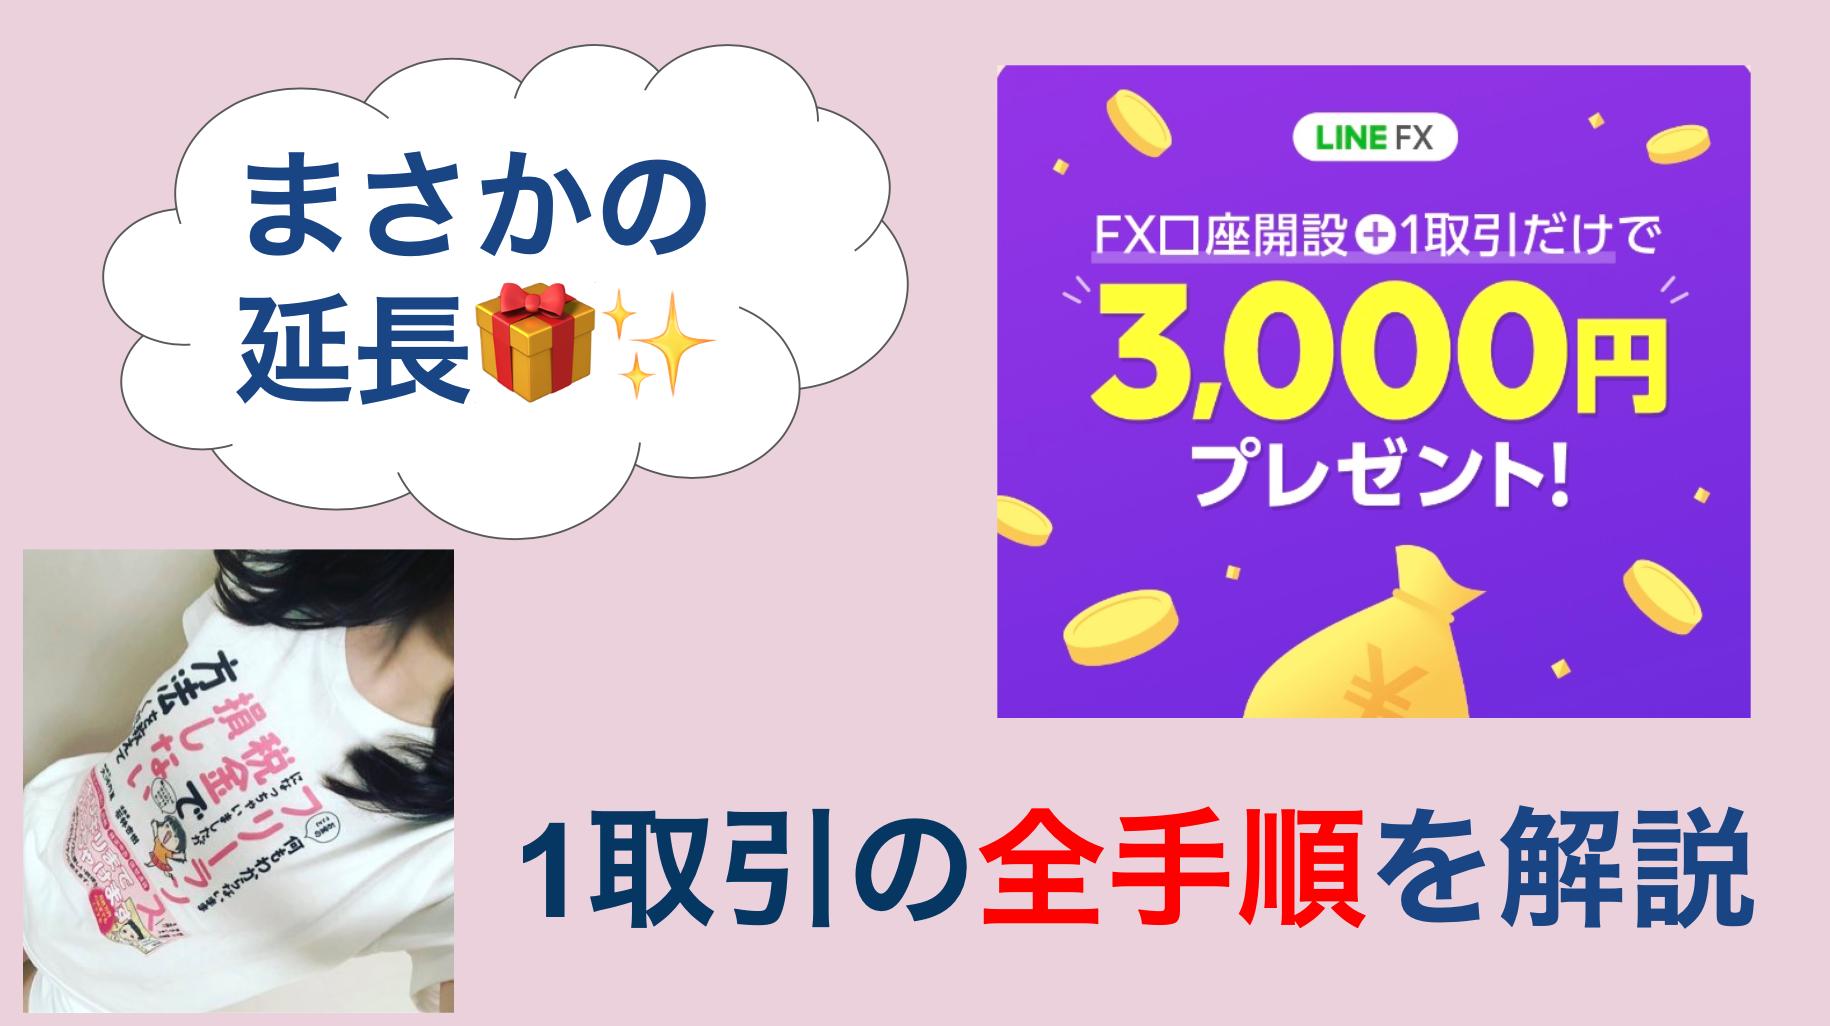 LINE FX キャンペーン 3,000円